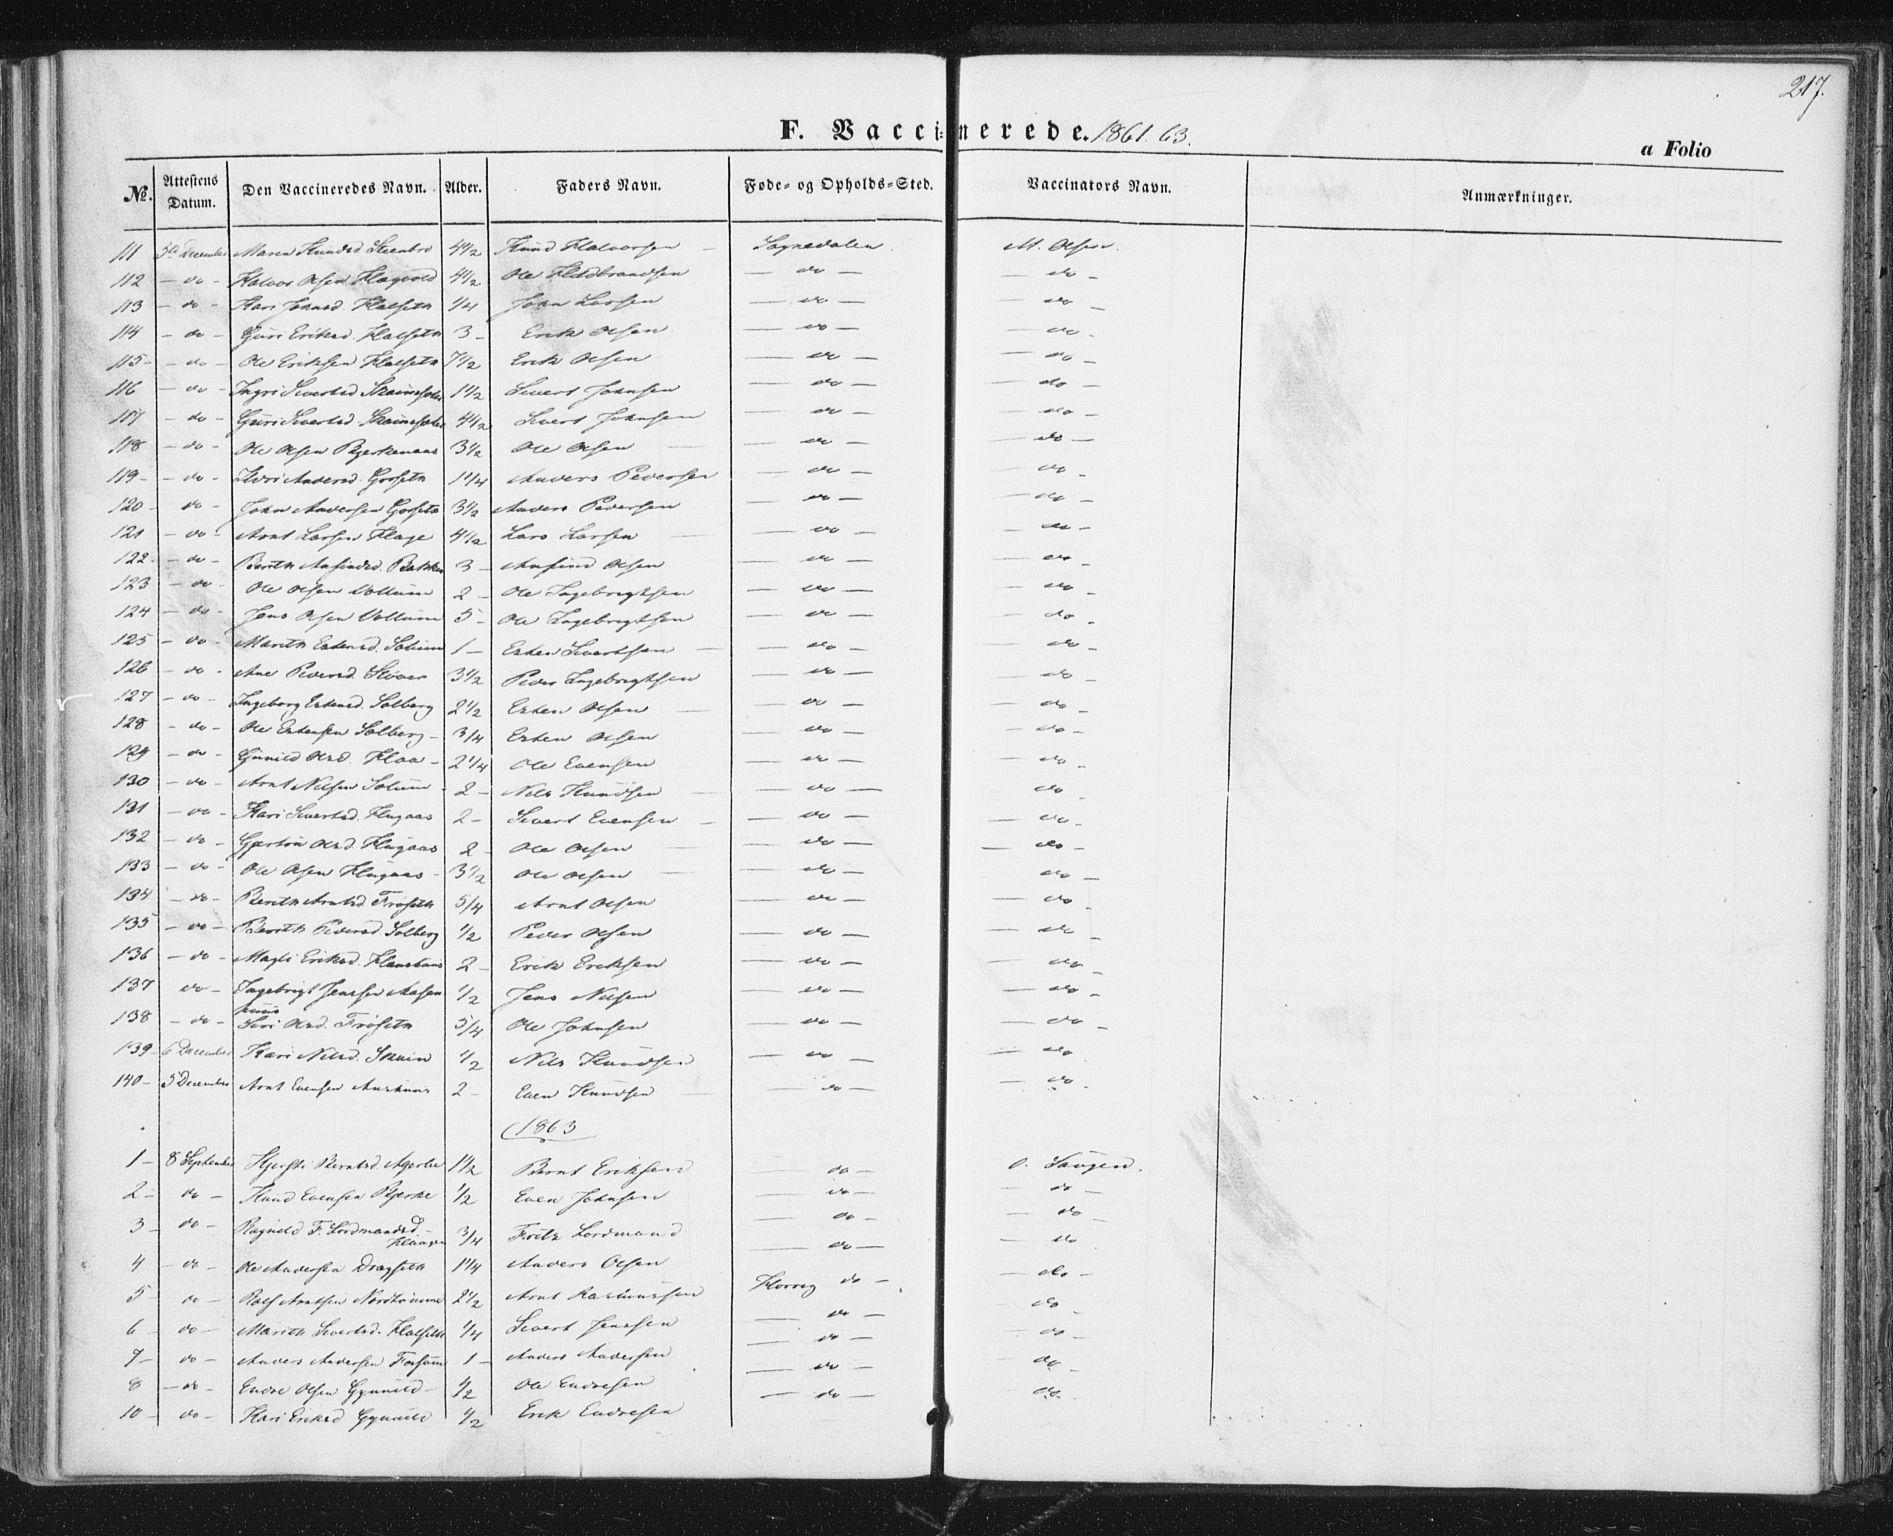 SAT, Ministerialprotokoller, klokkerbøker og fødselsregistre - Sør-Trøndelag, 689/L1038: Ministerialbok nr. 689A03, 1848-1872, s. 217